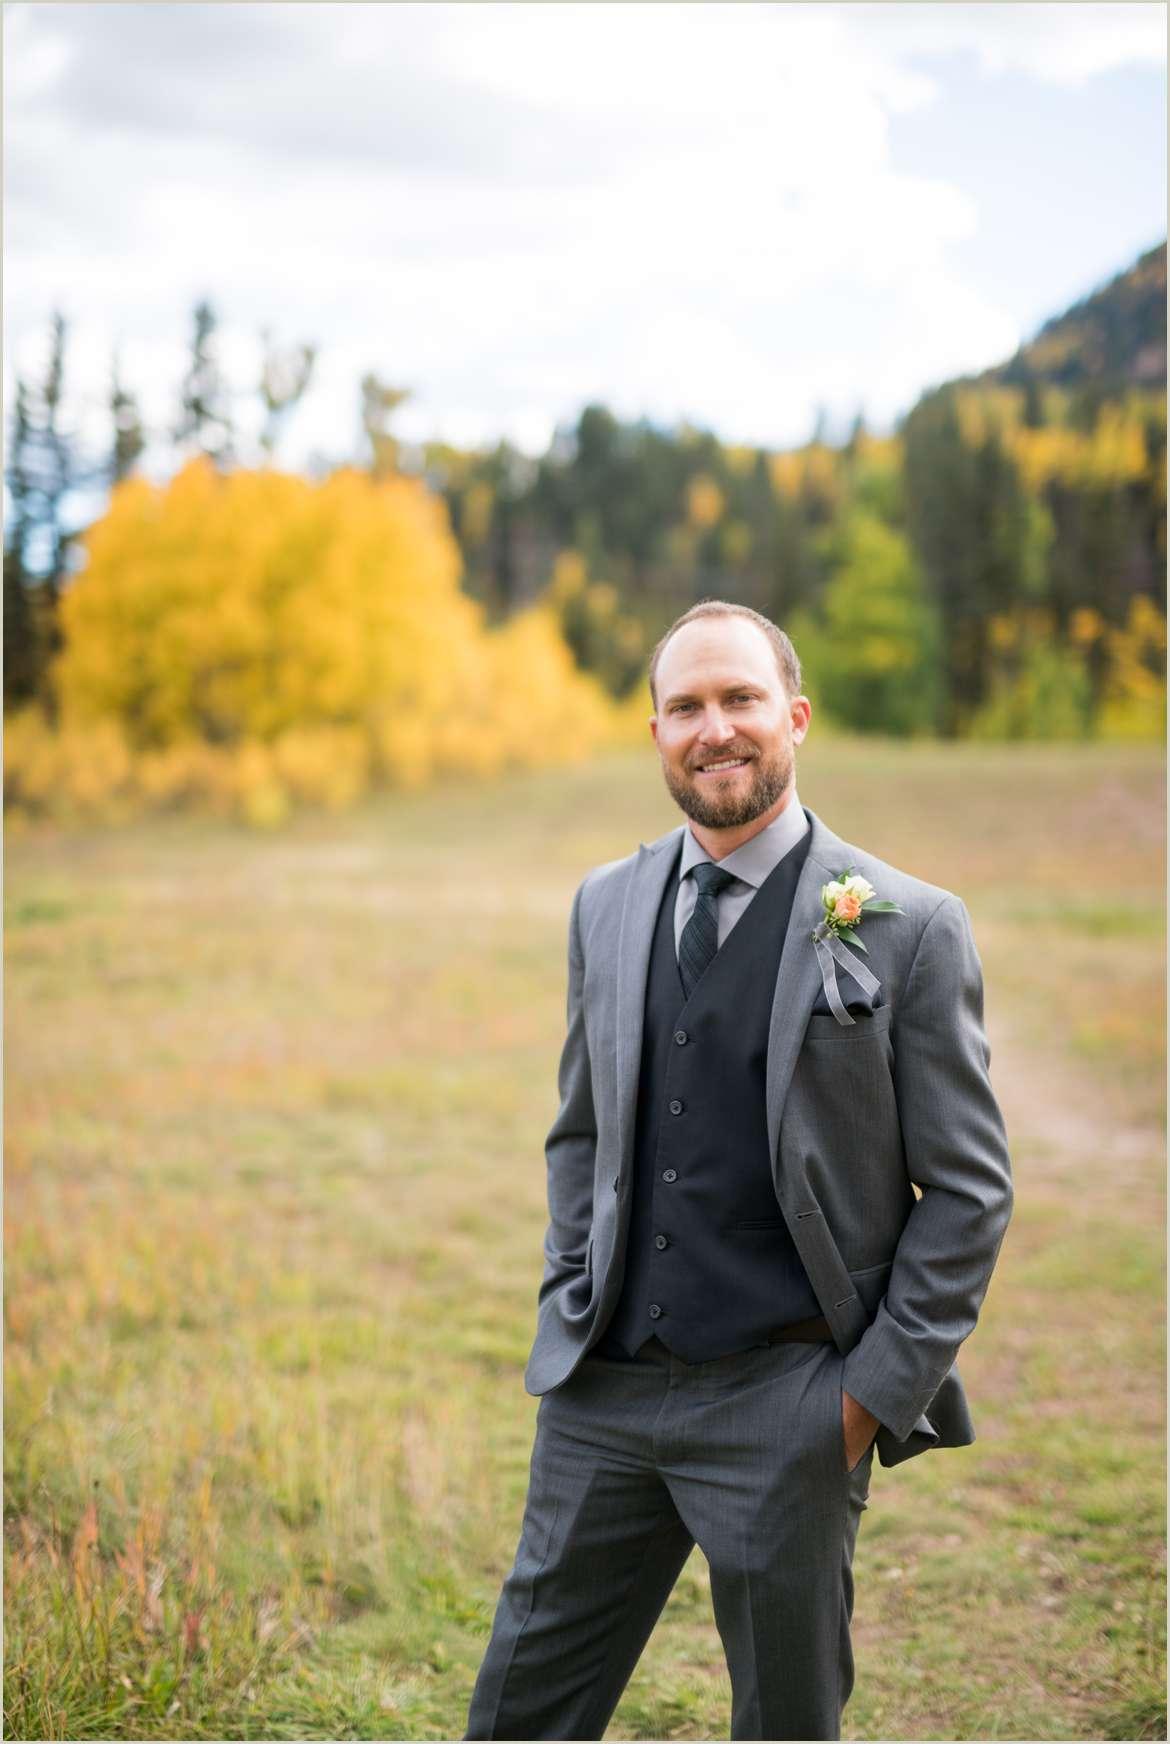 groom wearing grey suit